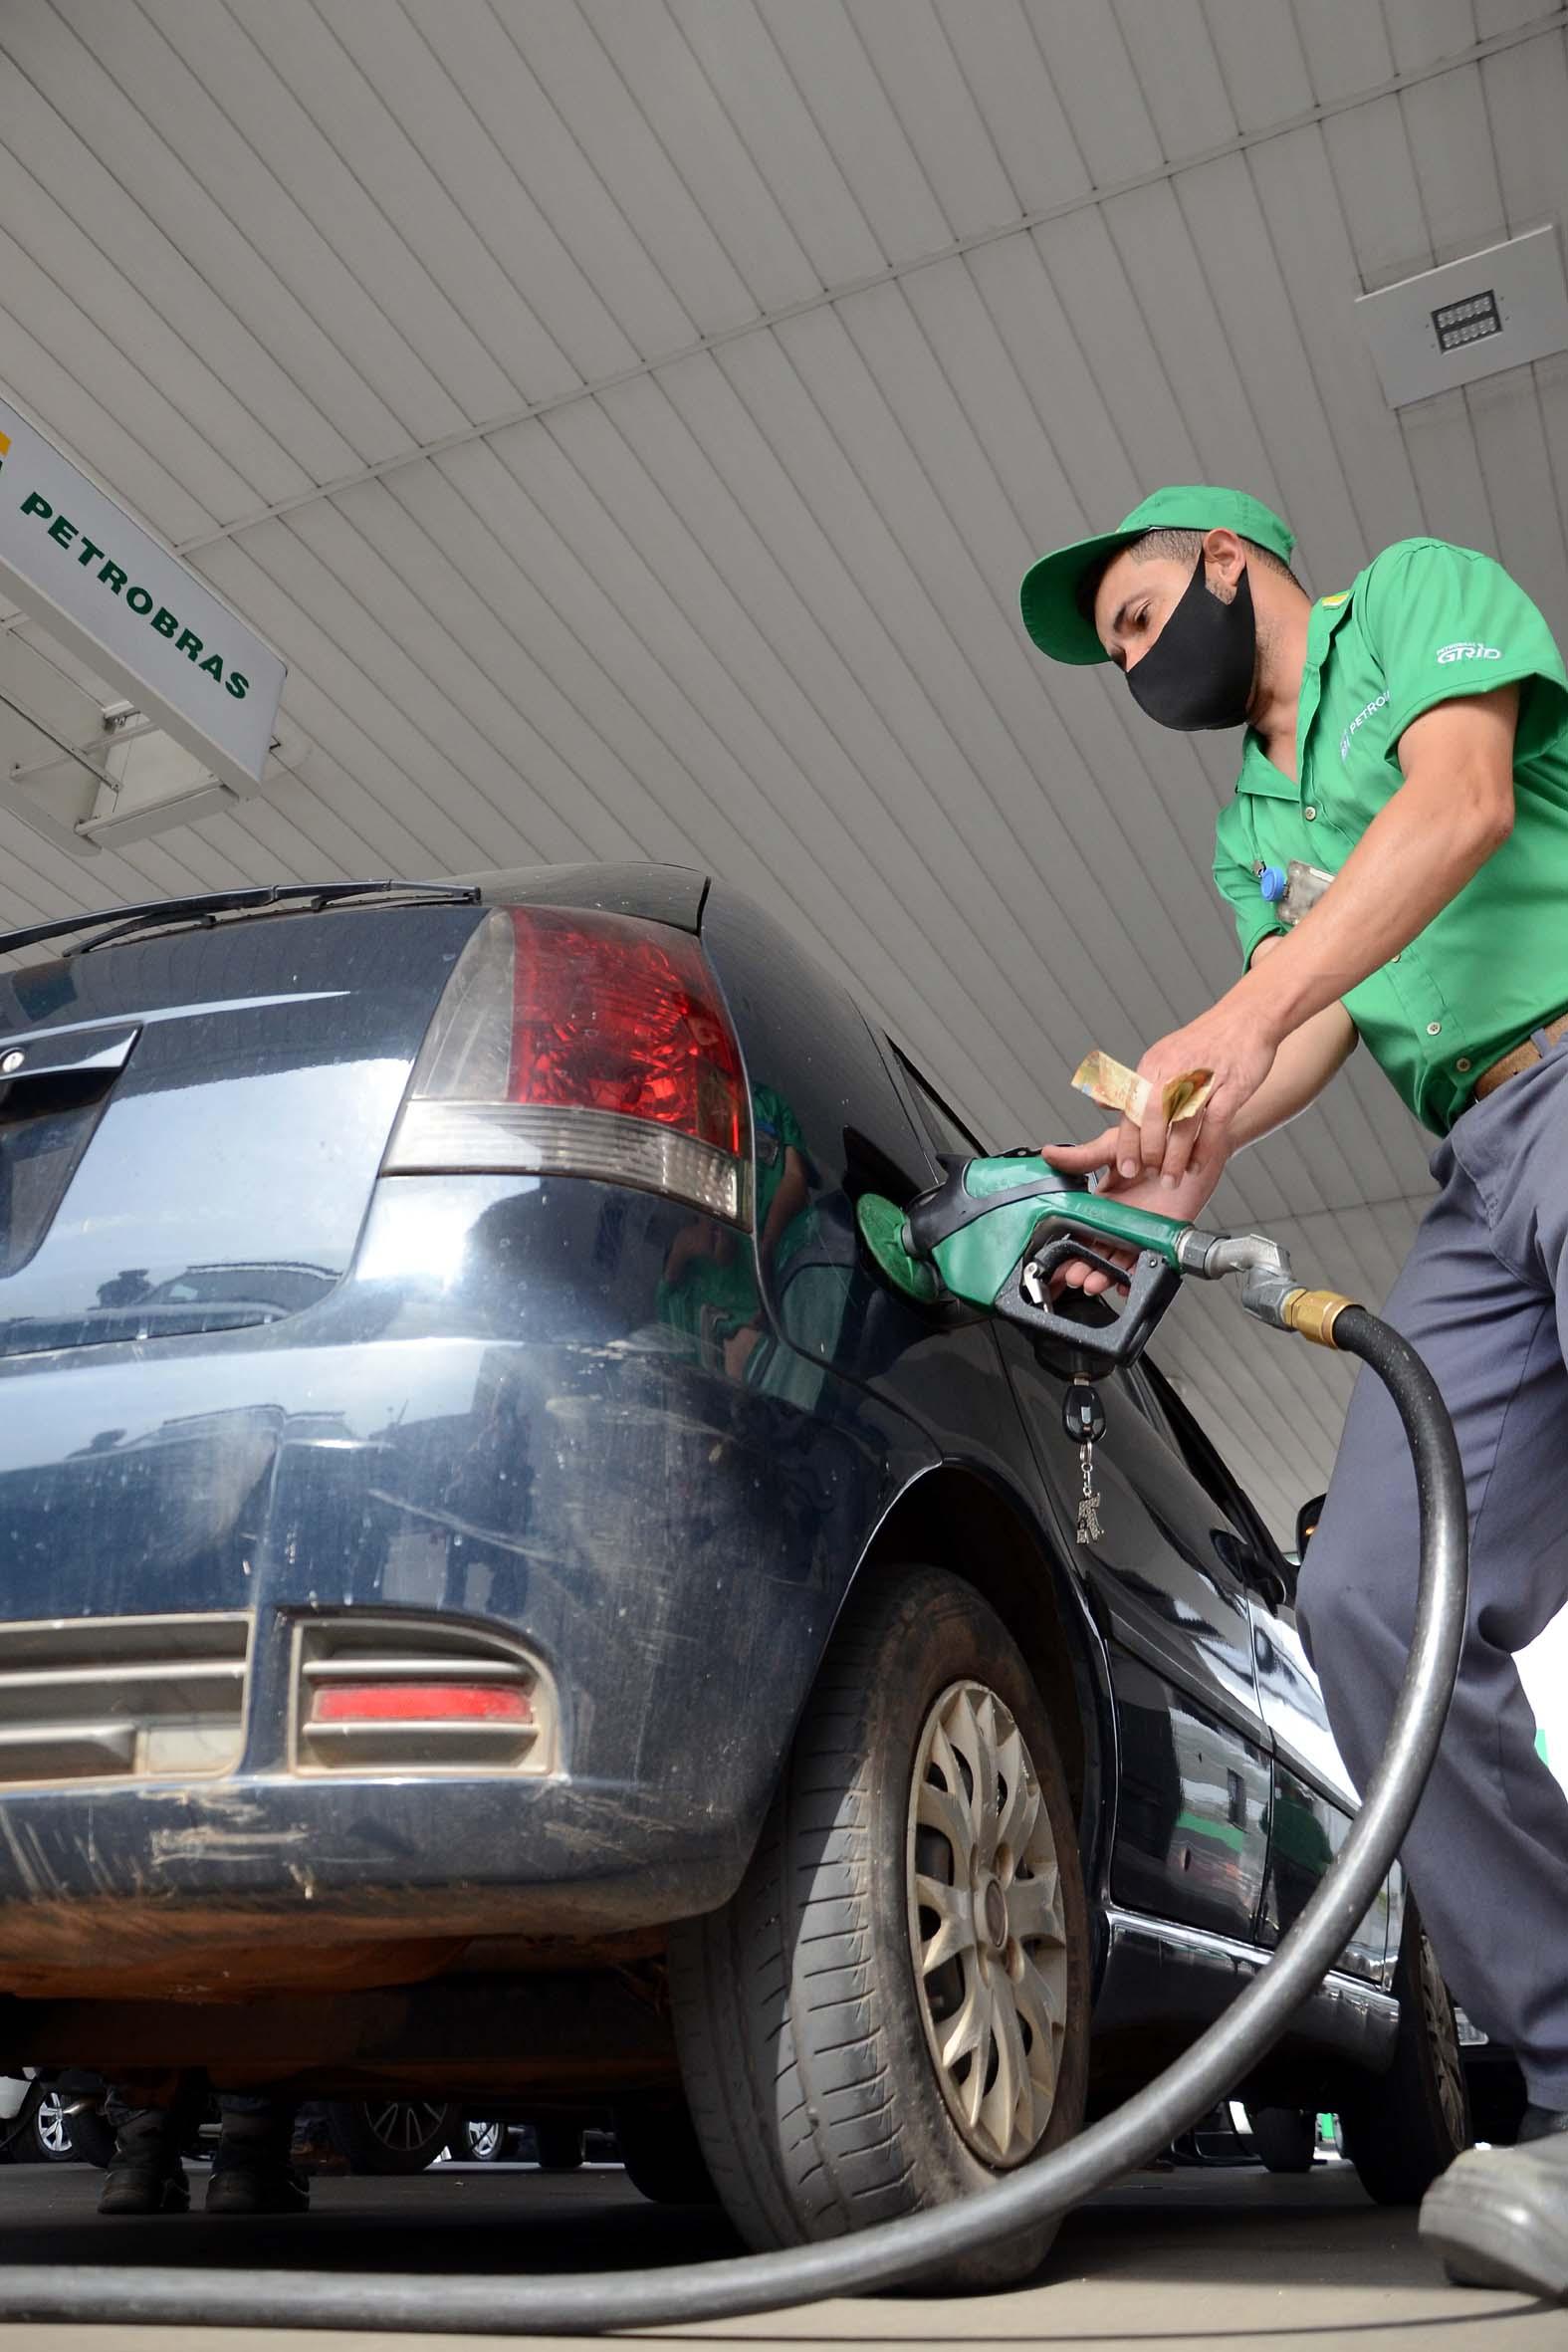 Frentista abastece carro em posto de combustível, localizado em Minas Gerais